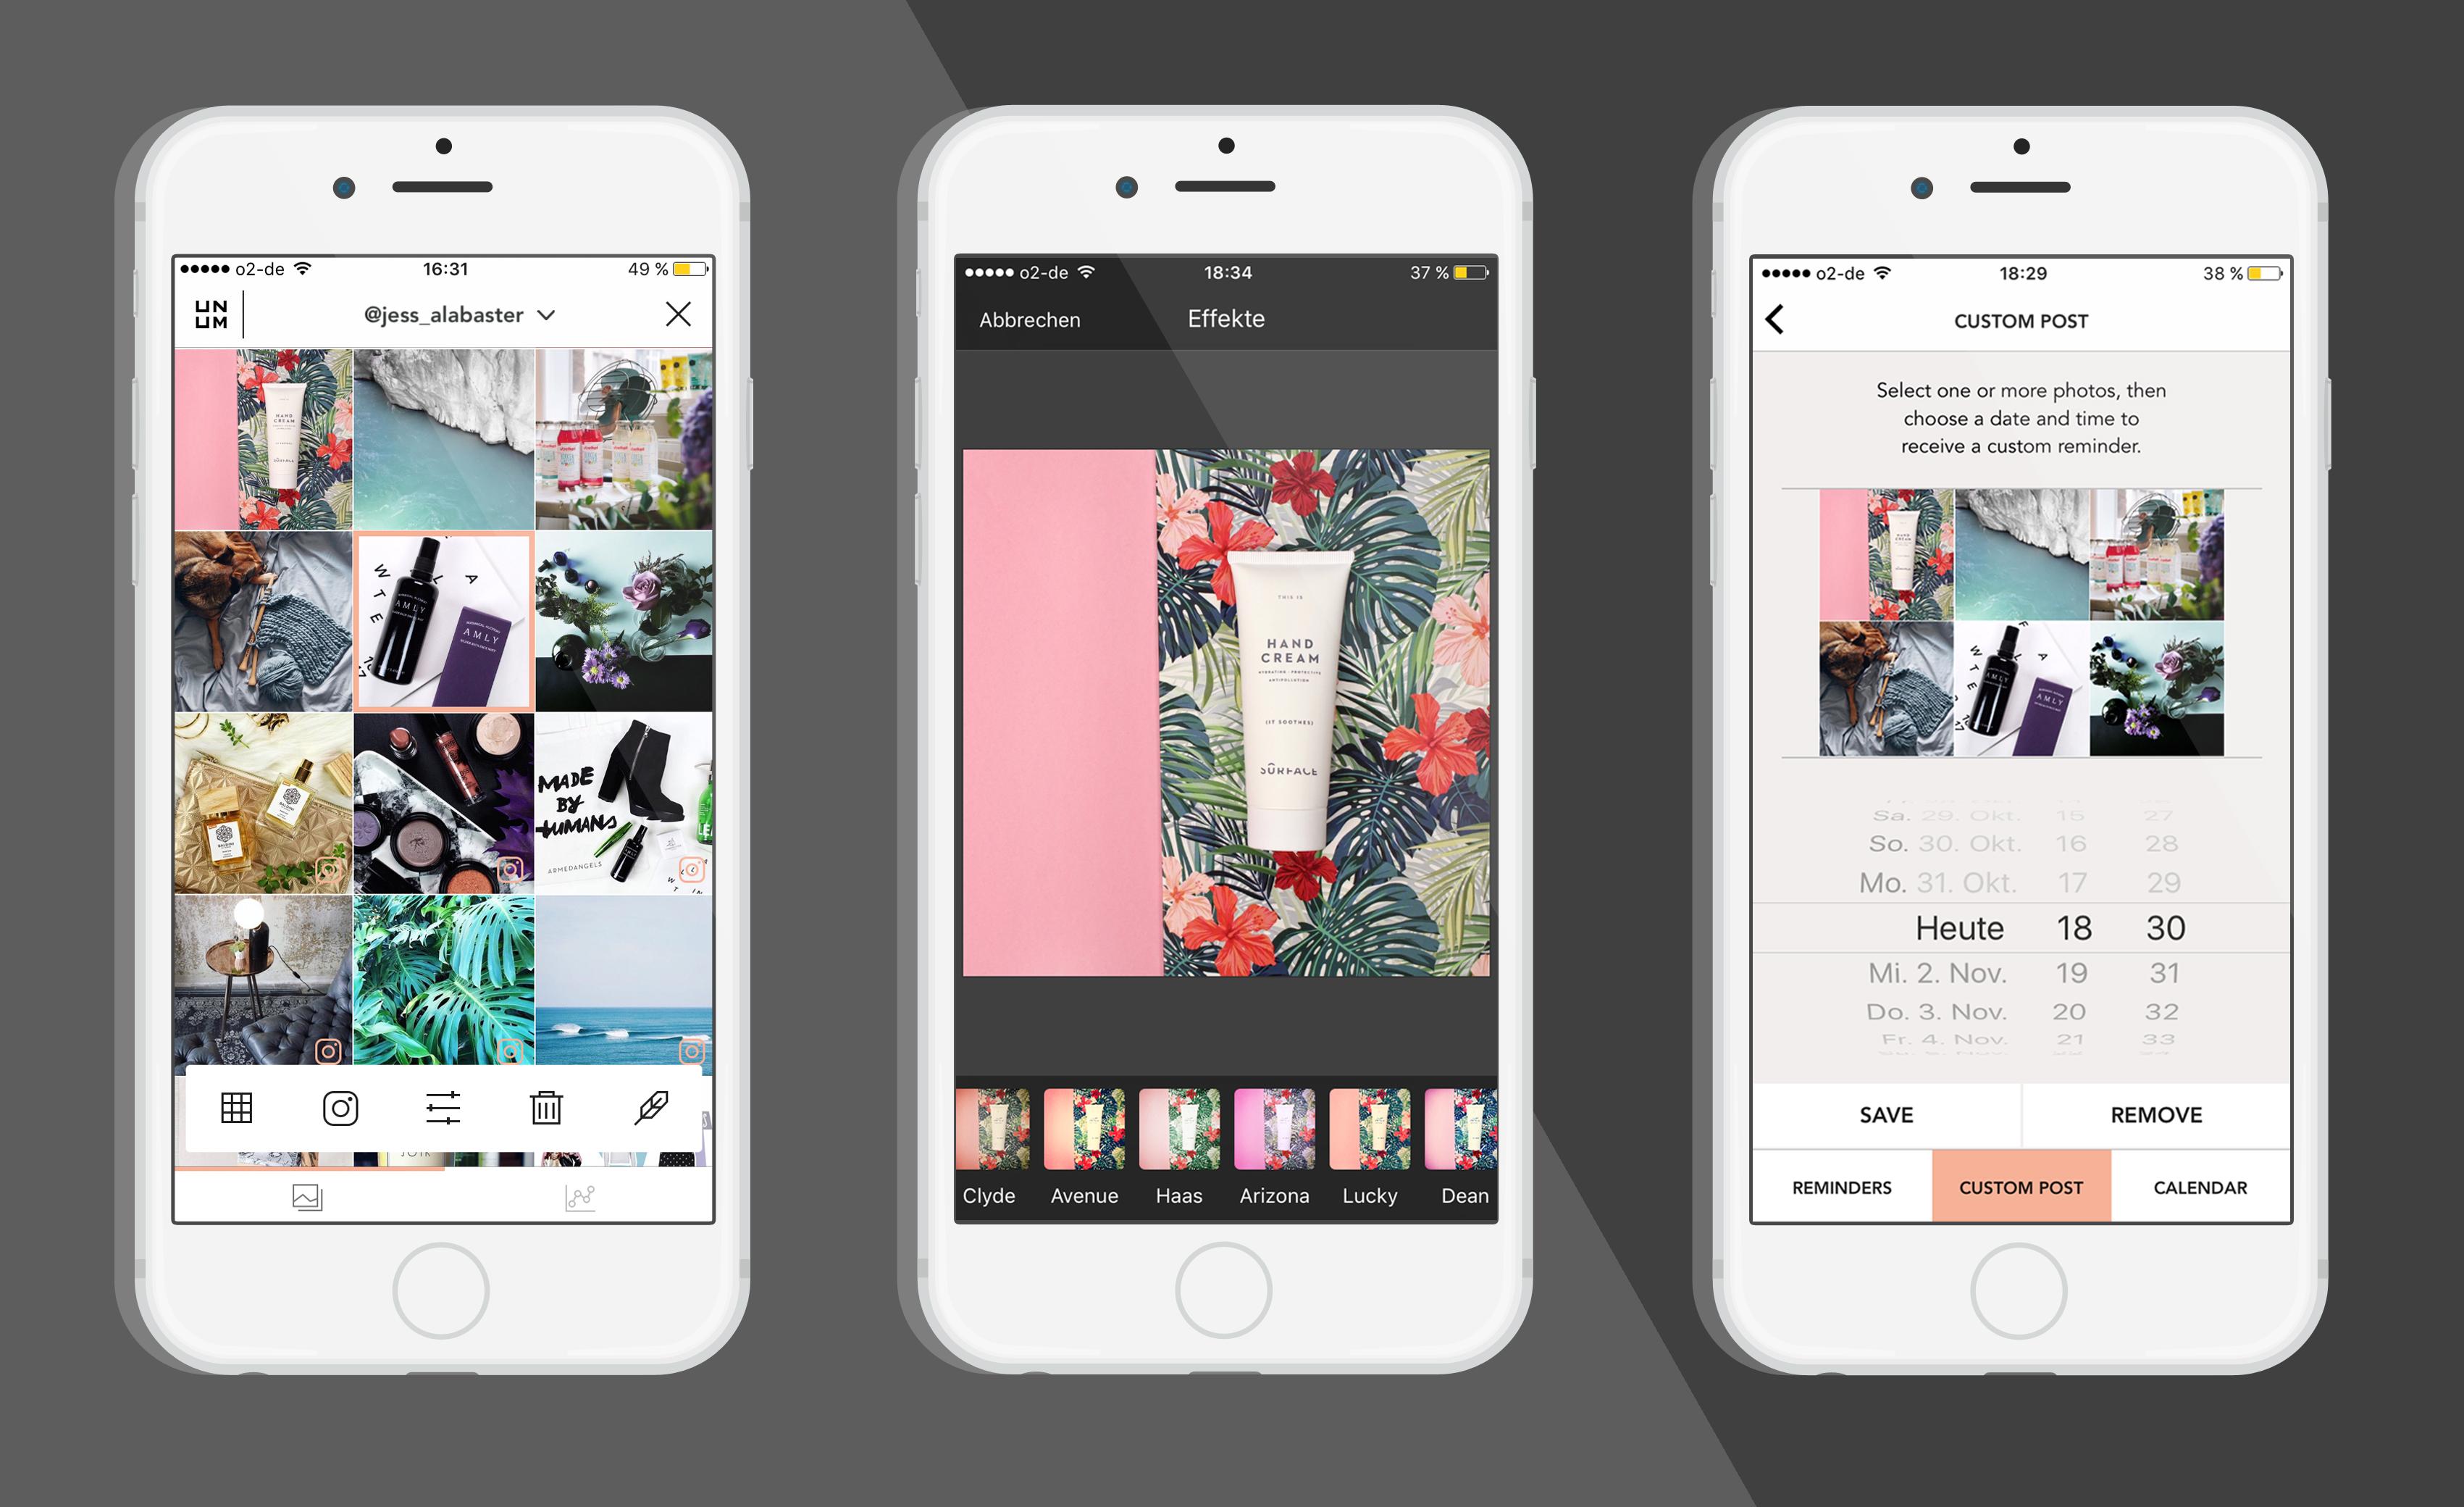 unum-instagram-app-bilder-anordnen-vorschau